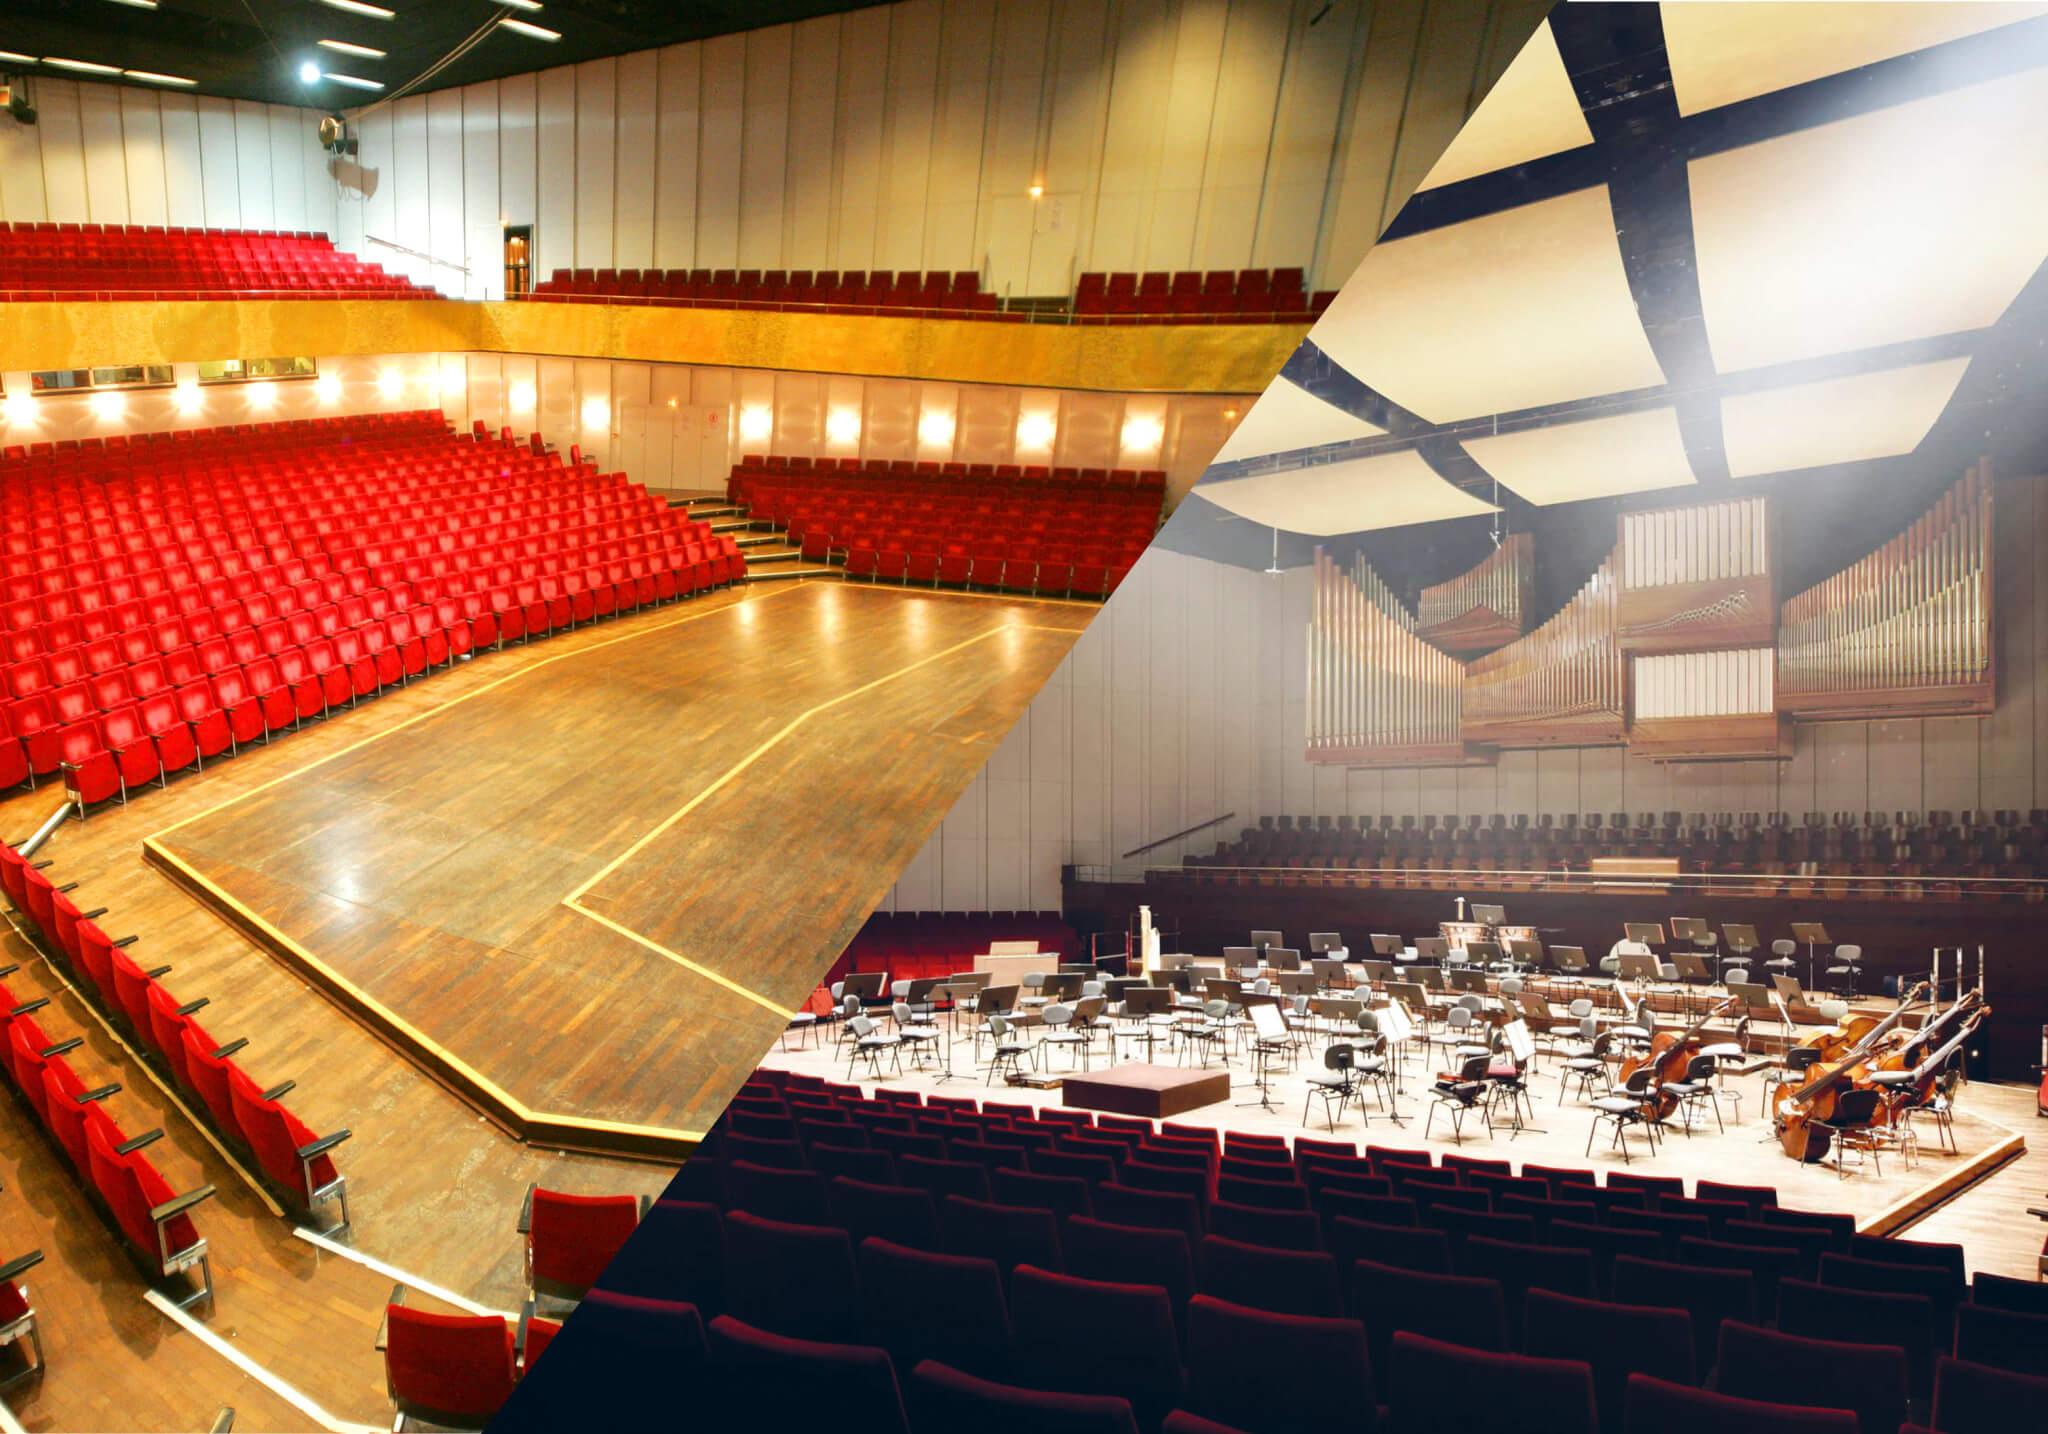 Stamp_Media_Foerderverein_Konzertsaal_am_Kieler_Schloss_750x525px-6